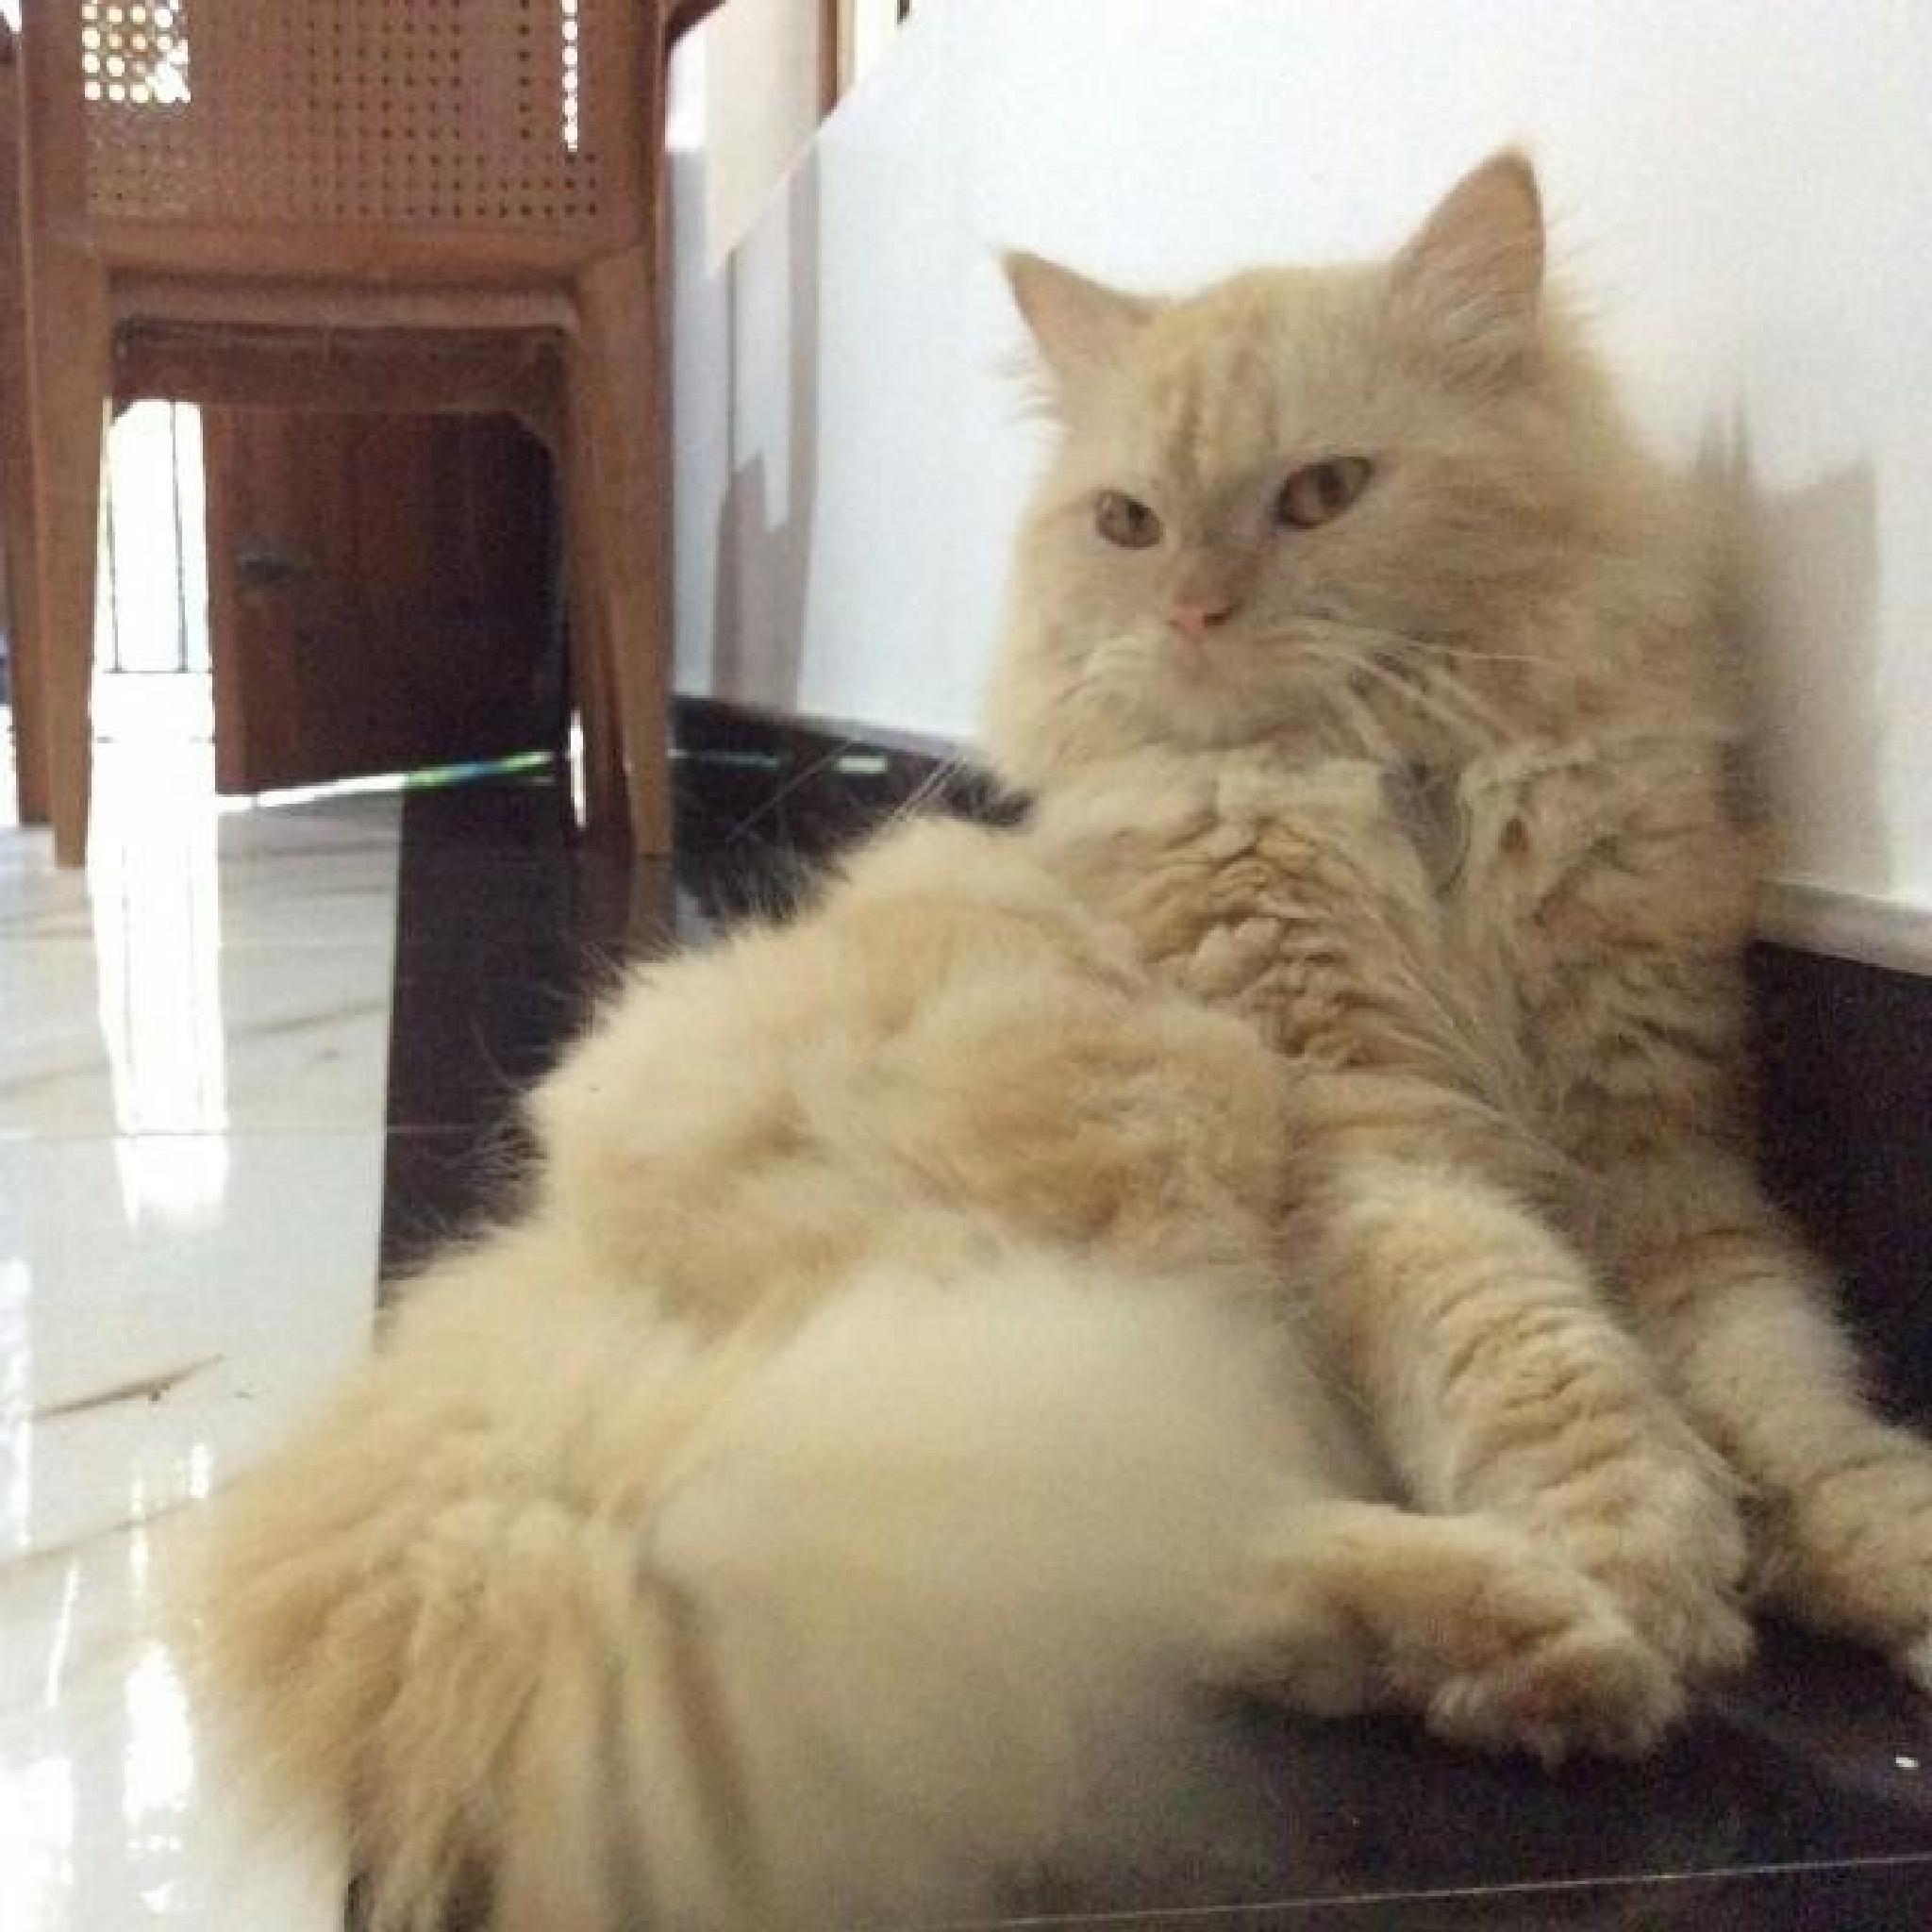 Cat by Mohamed Ajmeer